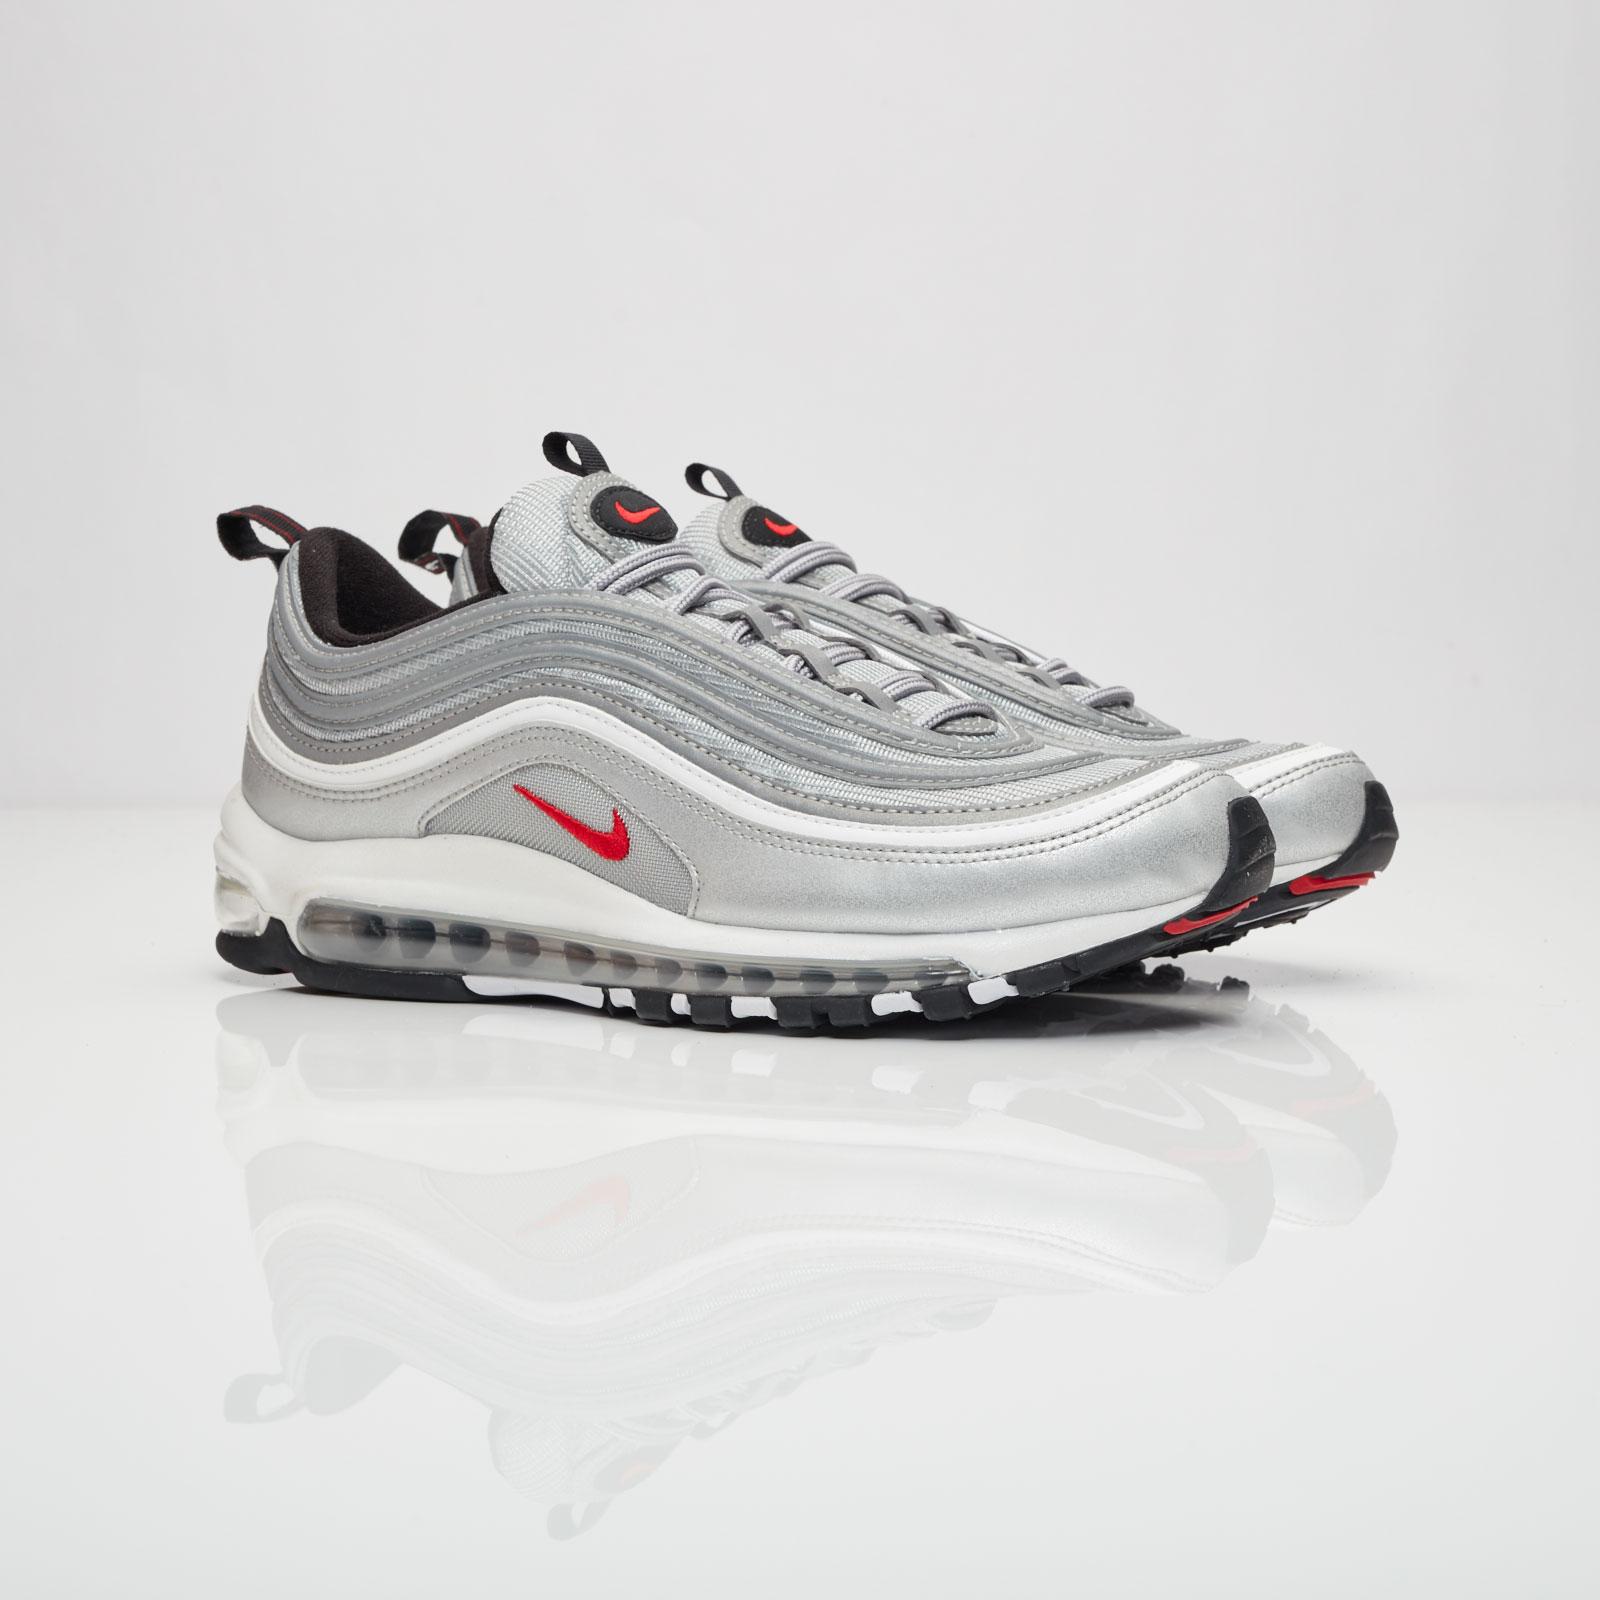 save off 22c41 a3317 Nike Sportswear Air Max 97 OG QS